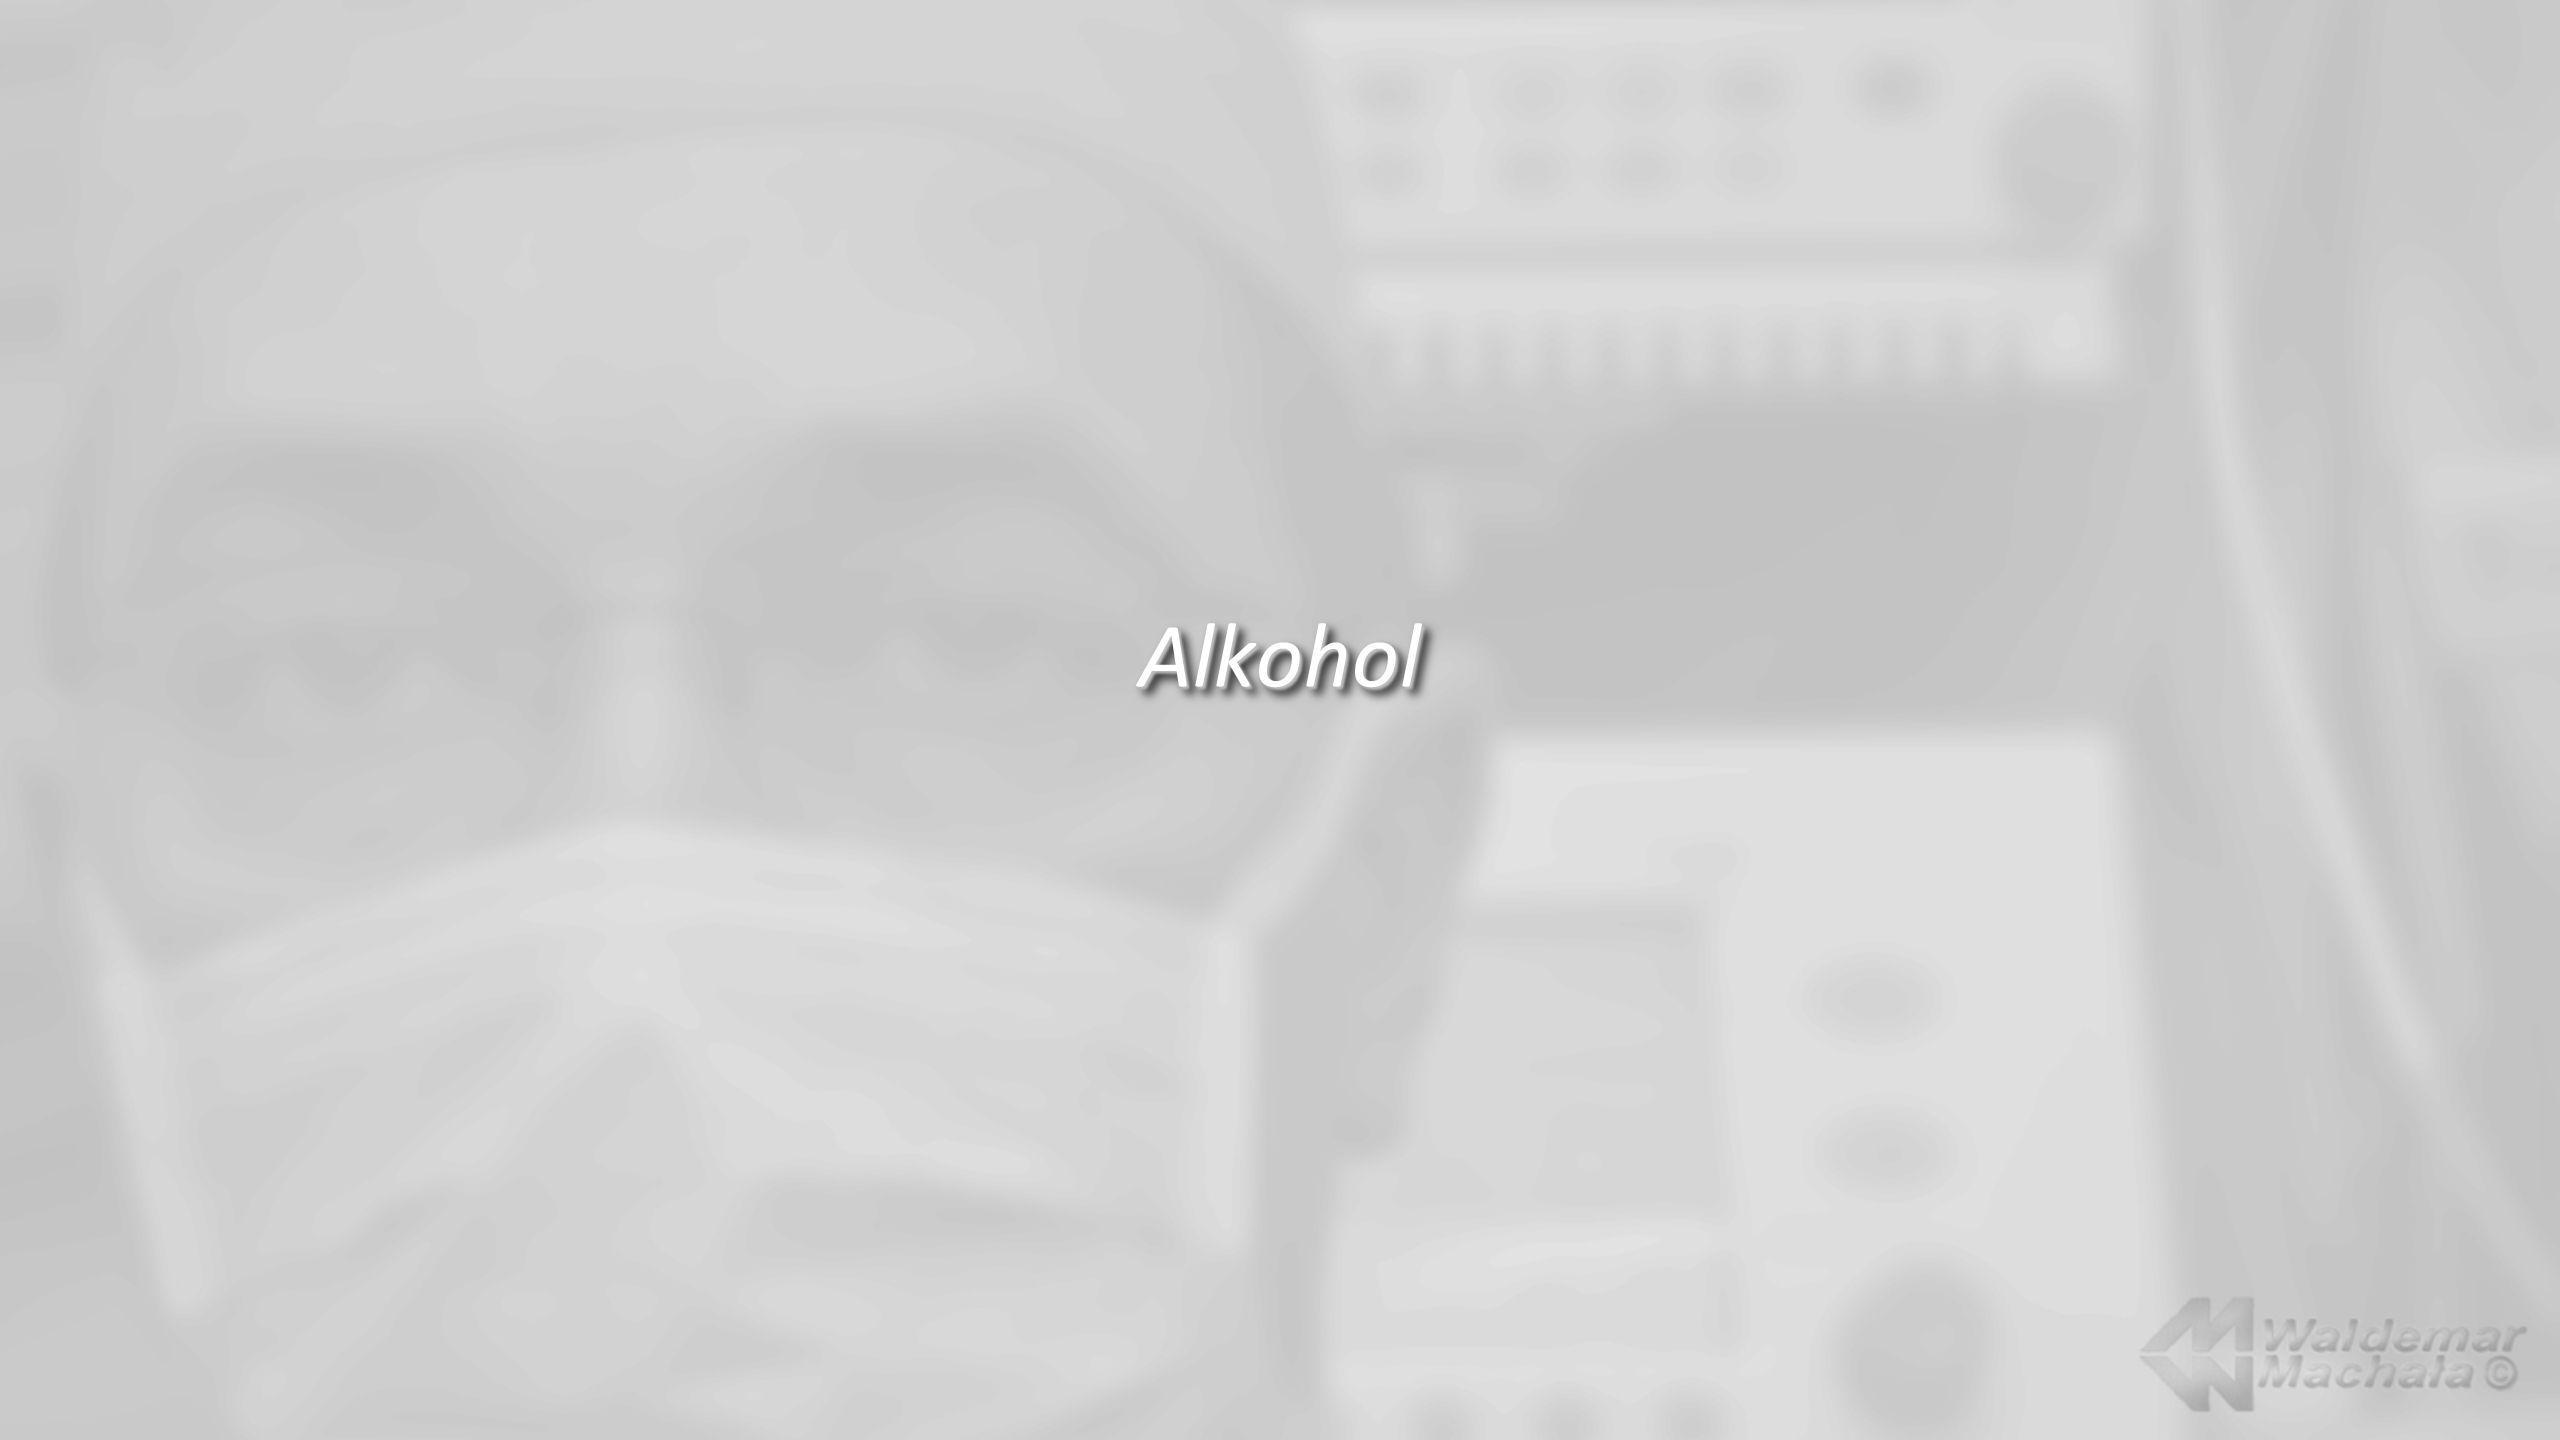 Kokaina…, znieczulenie regionalne… Przy ostrym nadużyciu kokainy - trombocytopenia: Blokady centralne – bardzo ostrożnie….